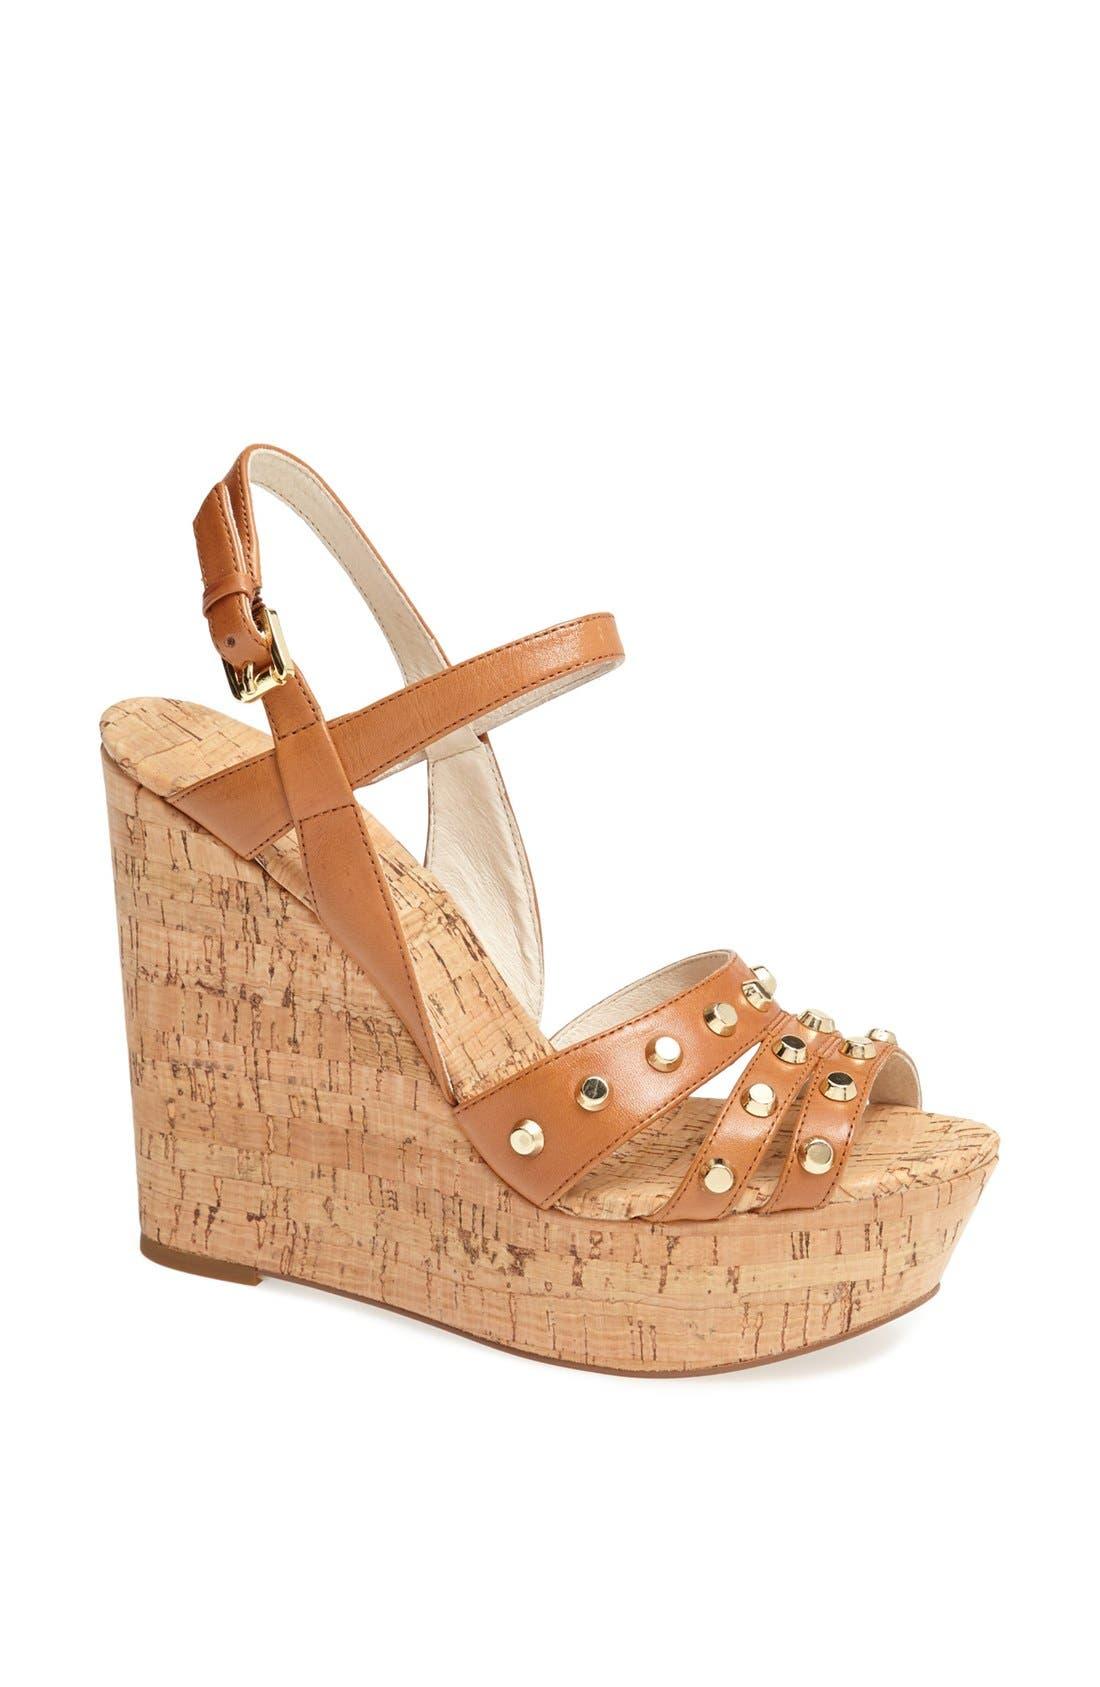 Main Image - MICHAEL Michael Kors Wedge sandal